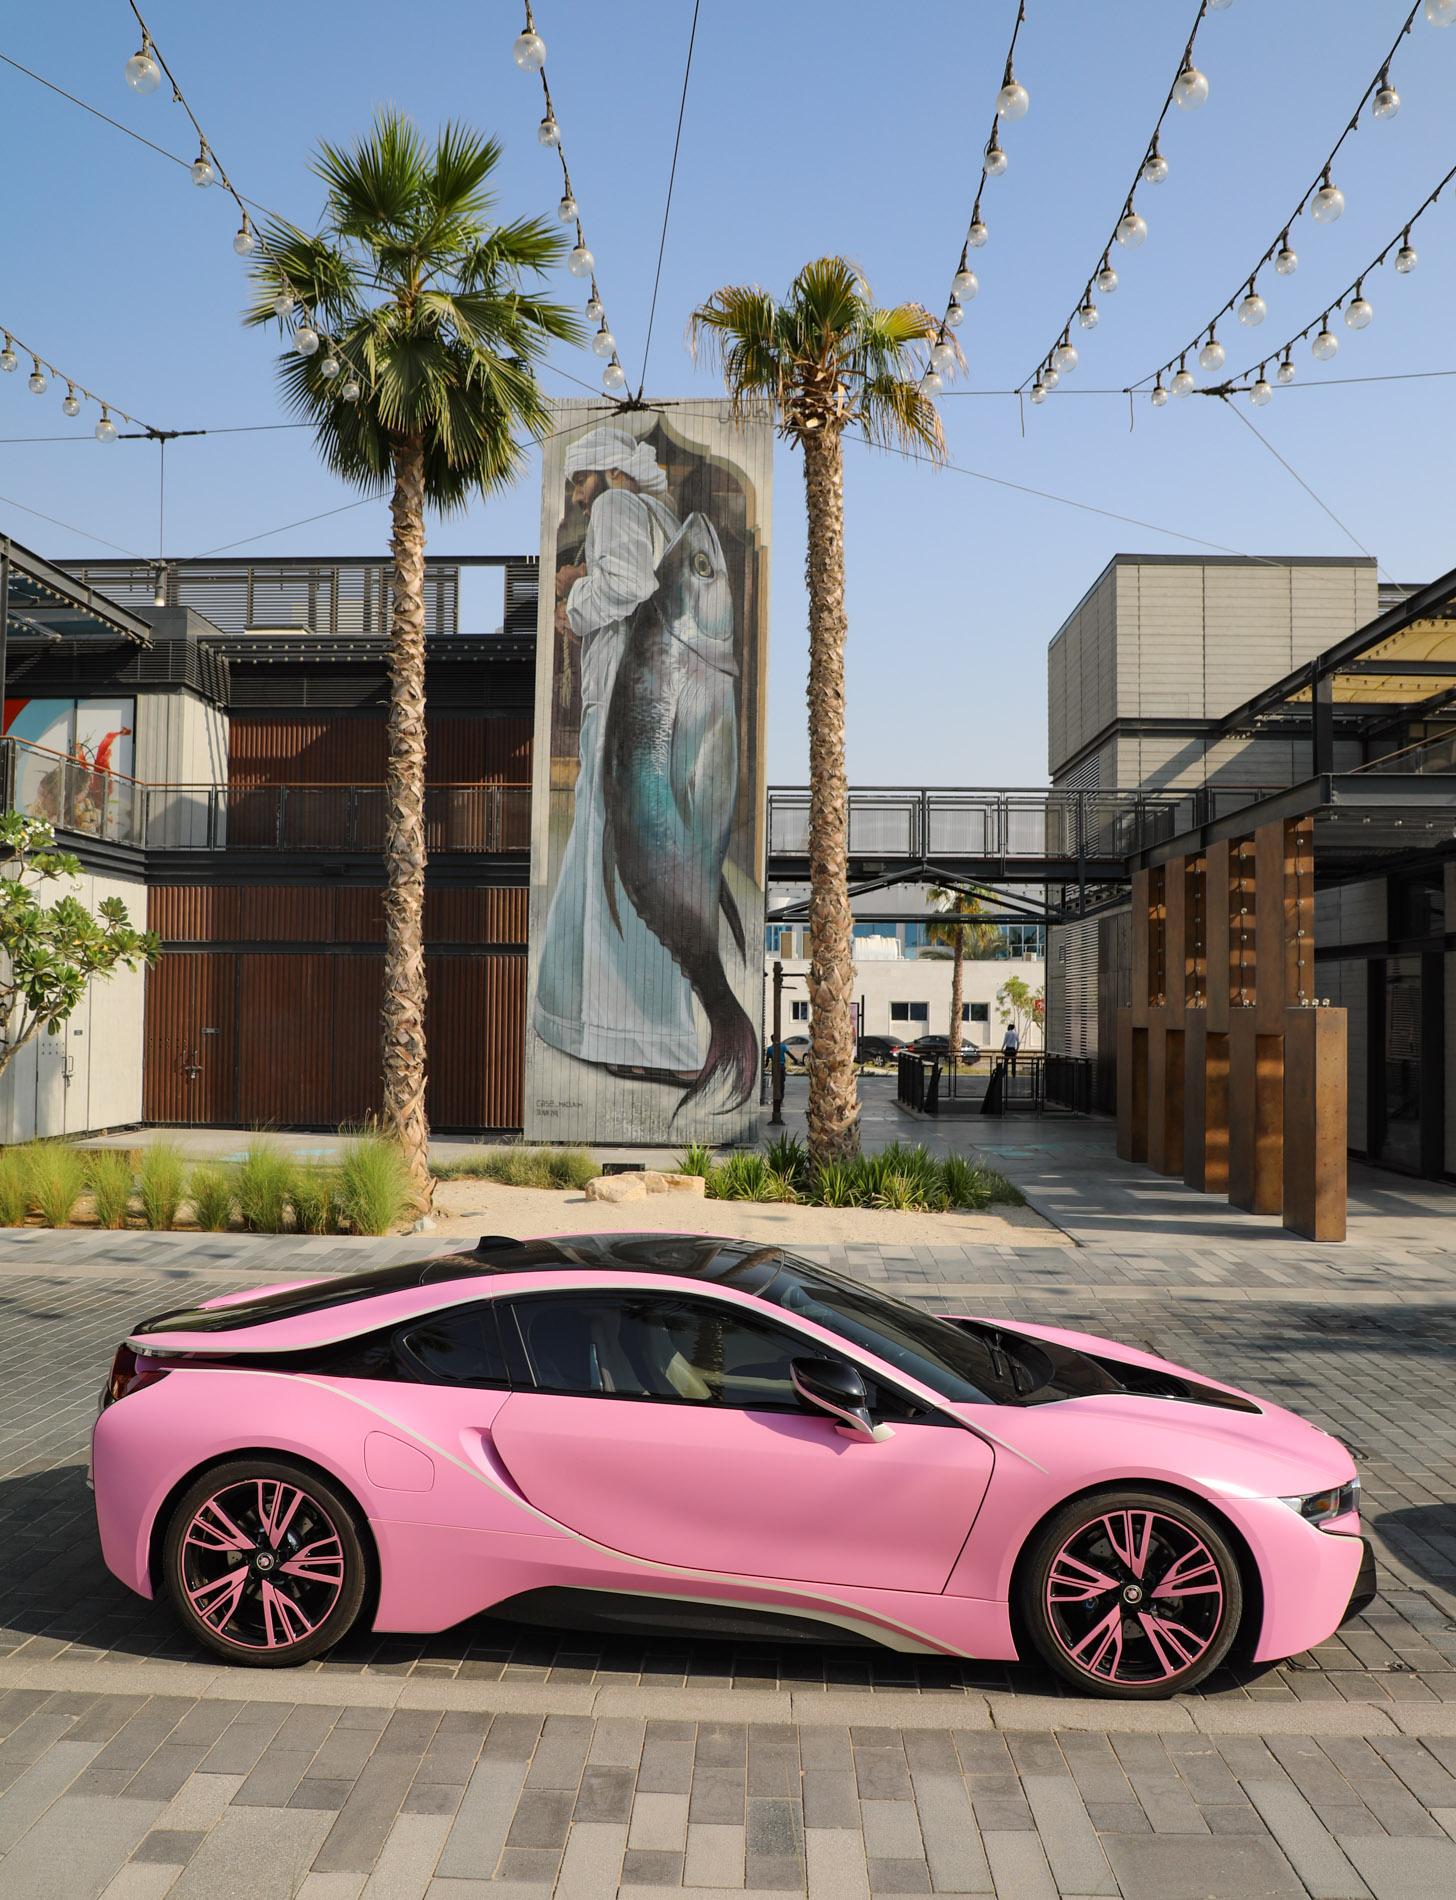 Bijna alle soorten auto's zijn te huur in Dubai, zoals deze roze BMW i8